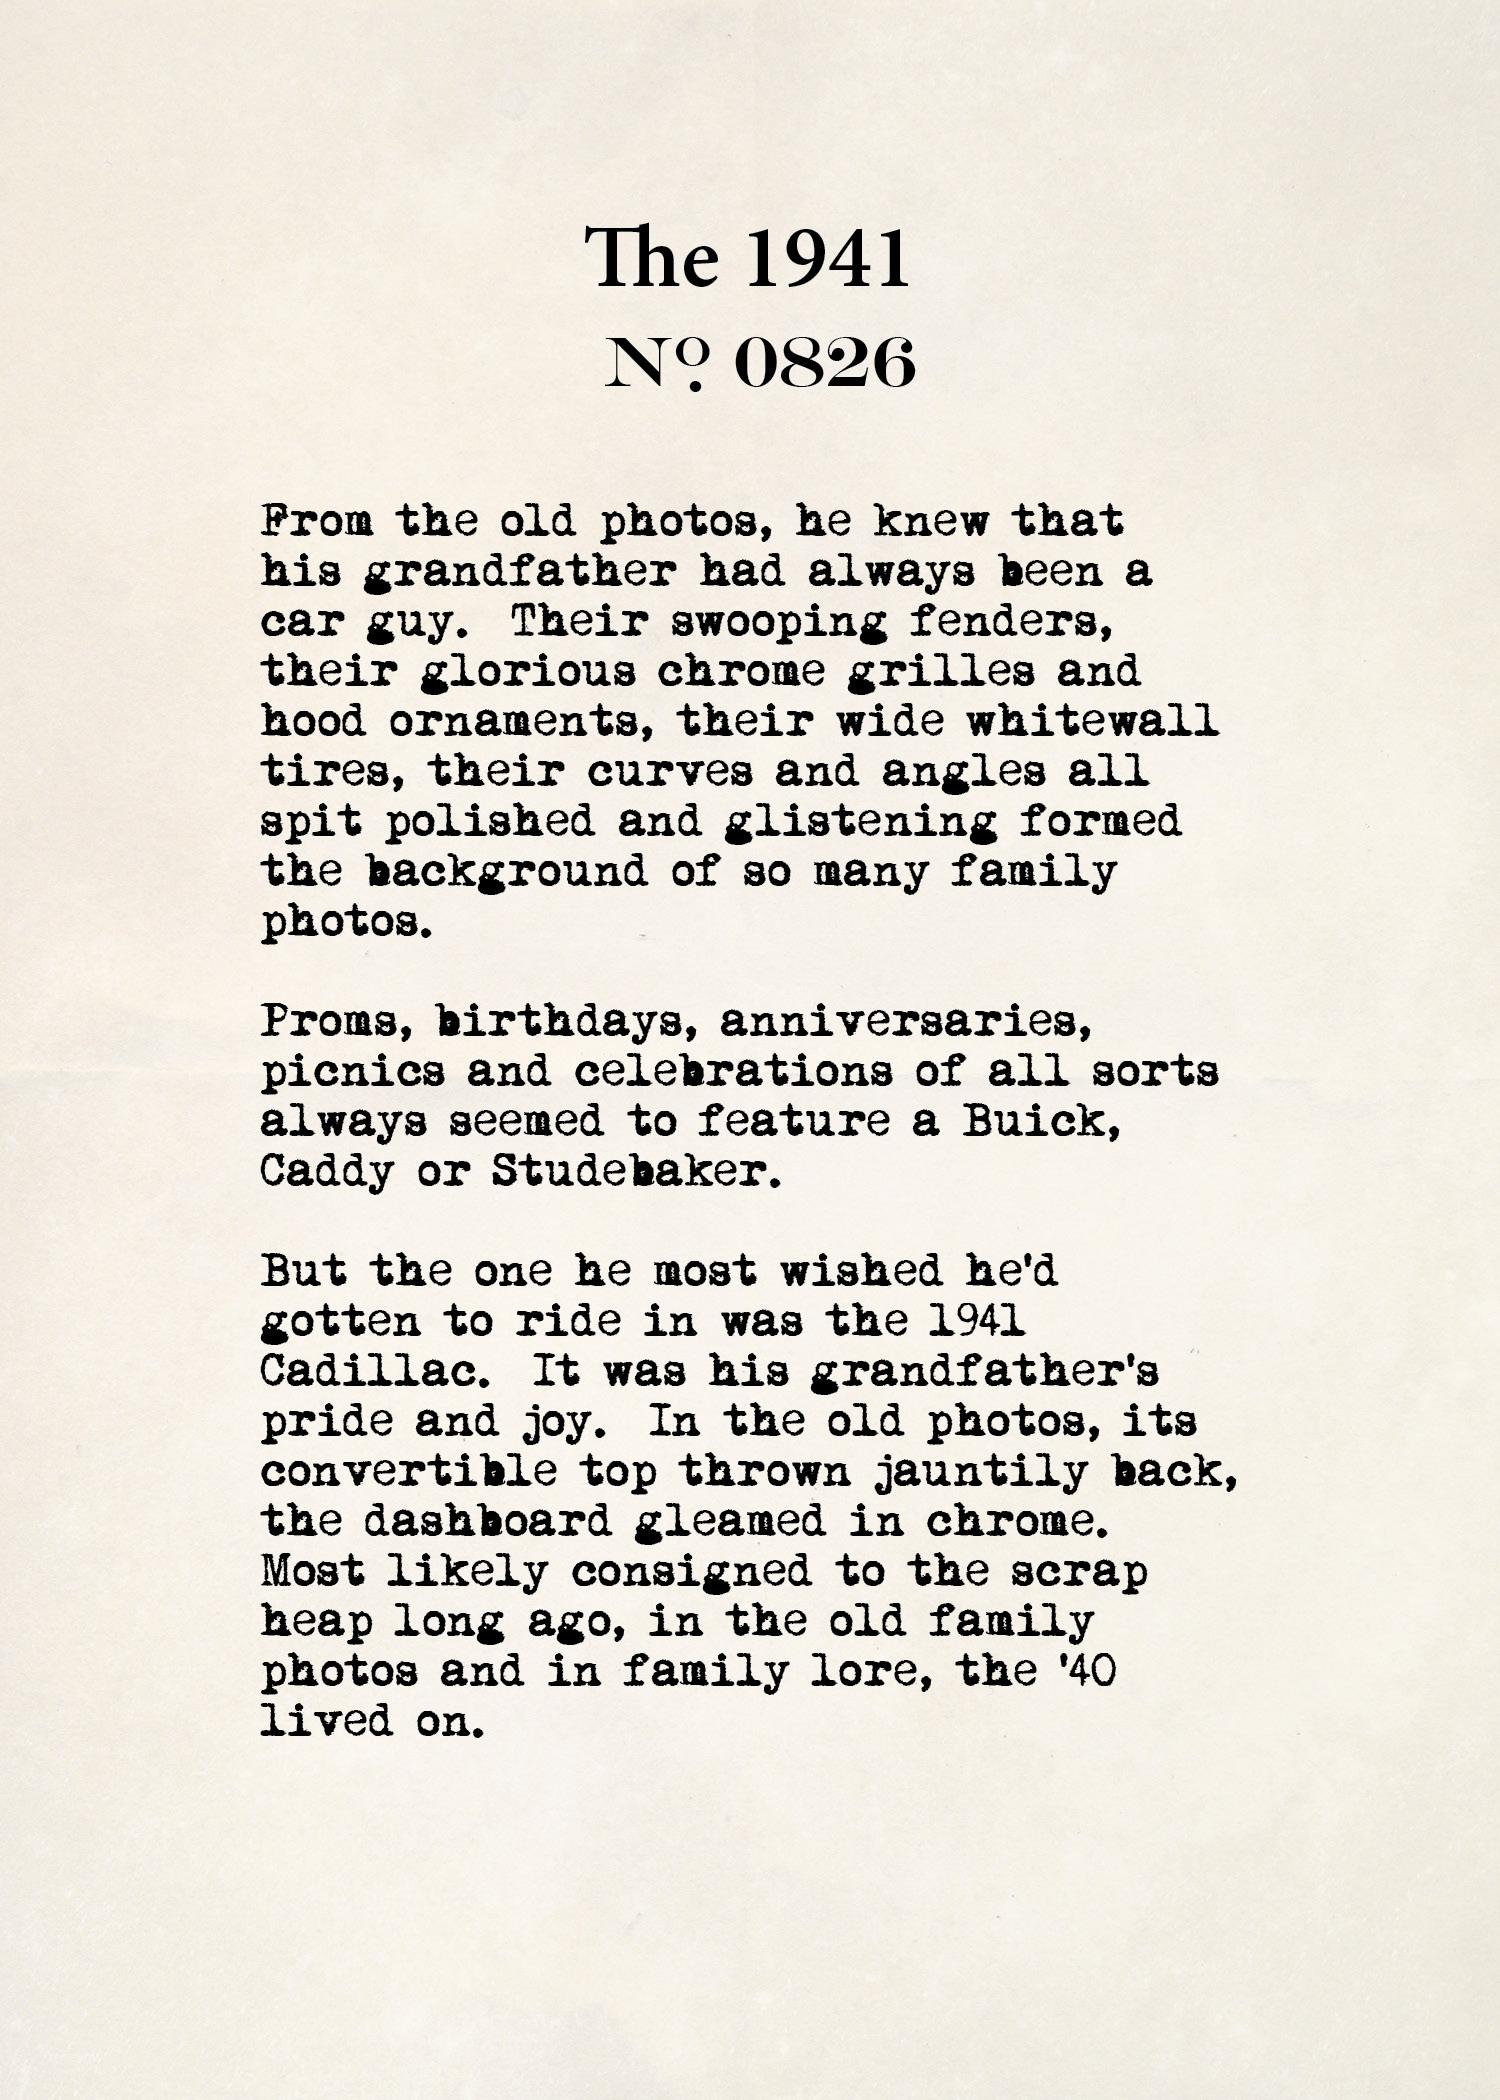 The 1941 no. 0826